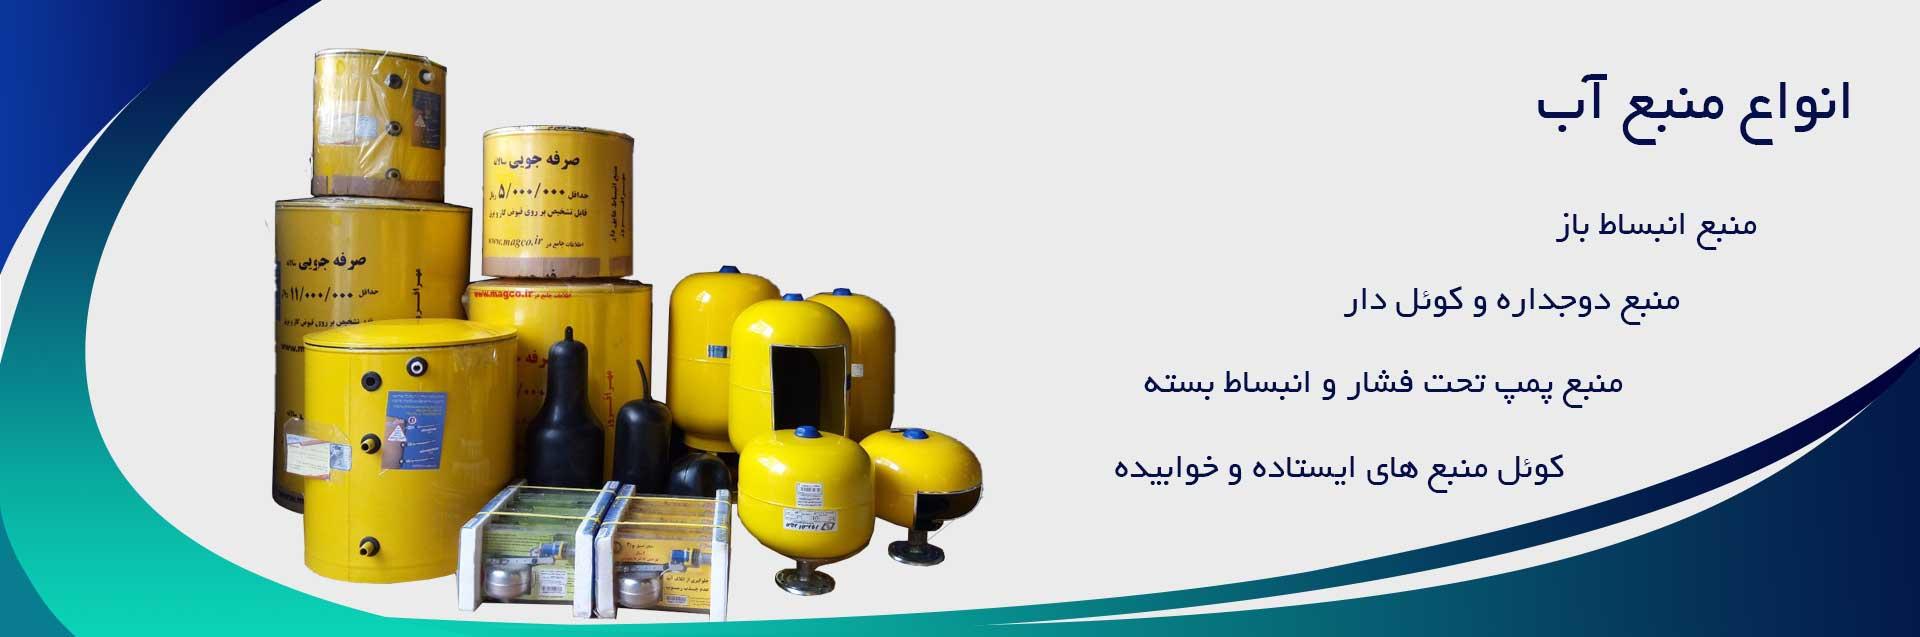 خرید انواع منبع آب - ستایش سنتر